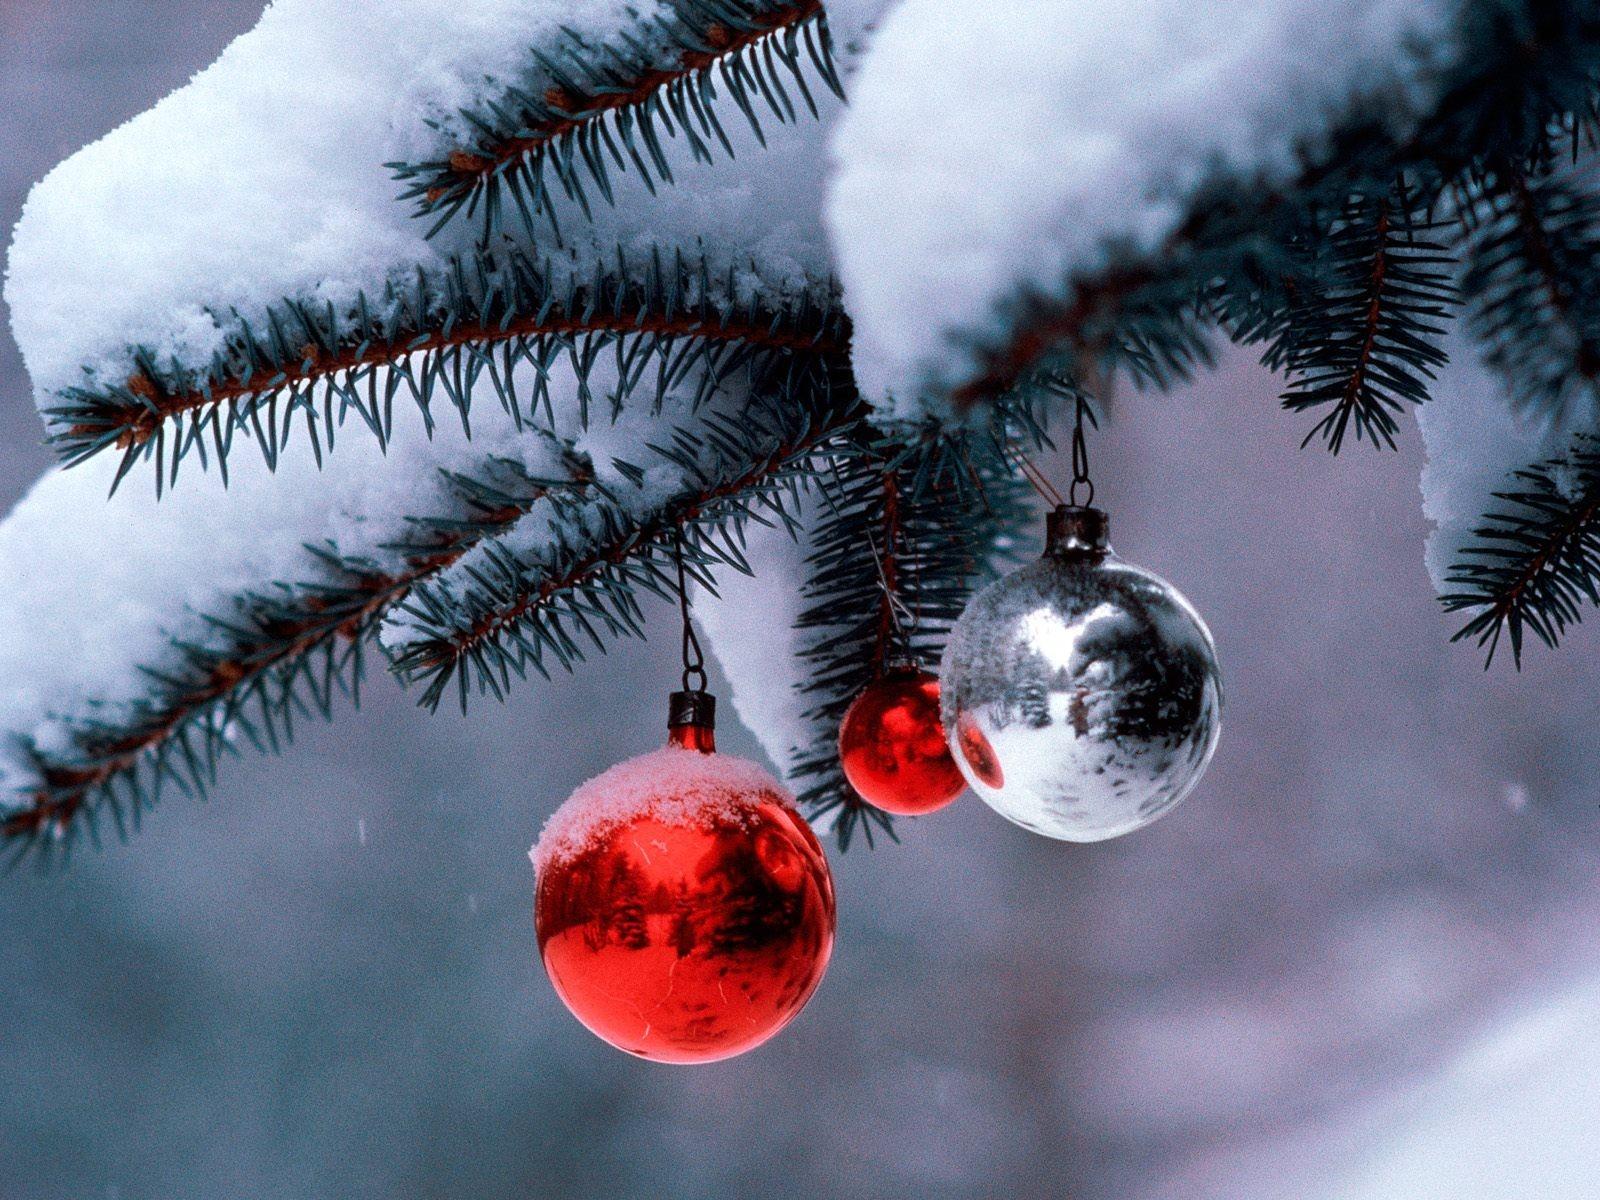 Christmas Craciun Christmas Balls